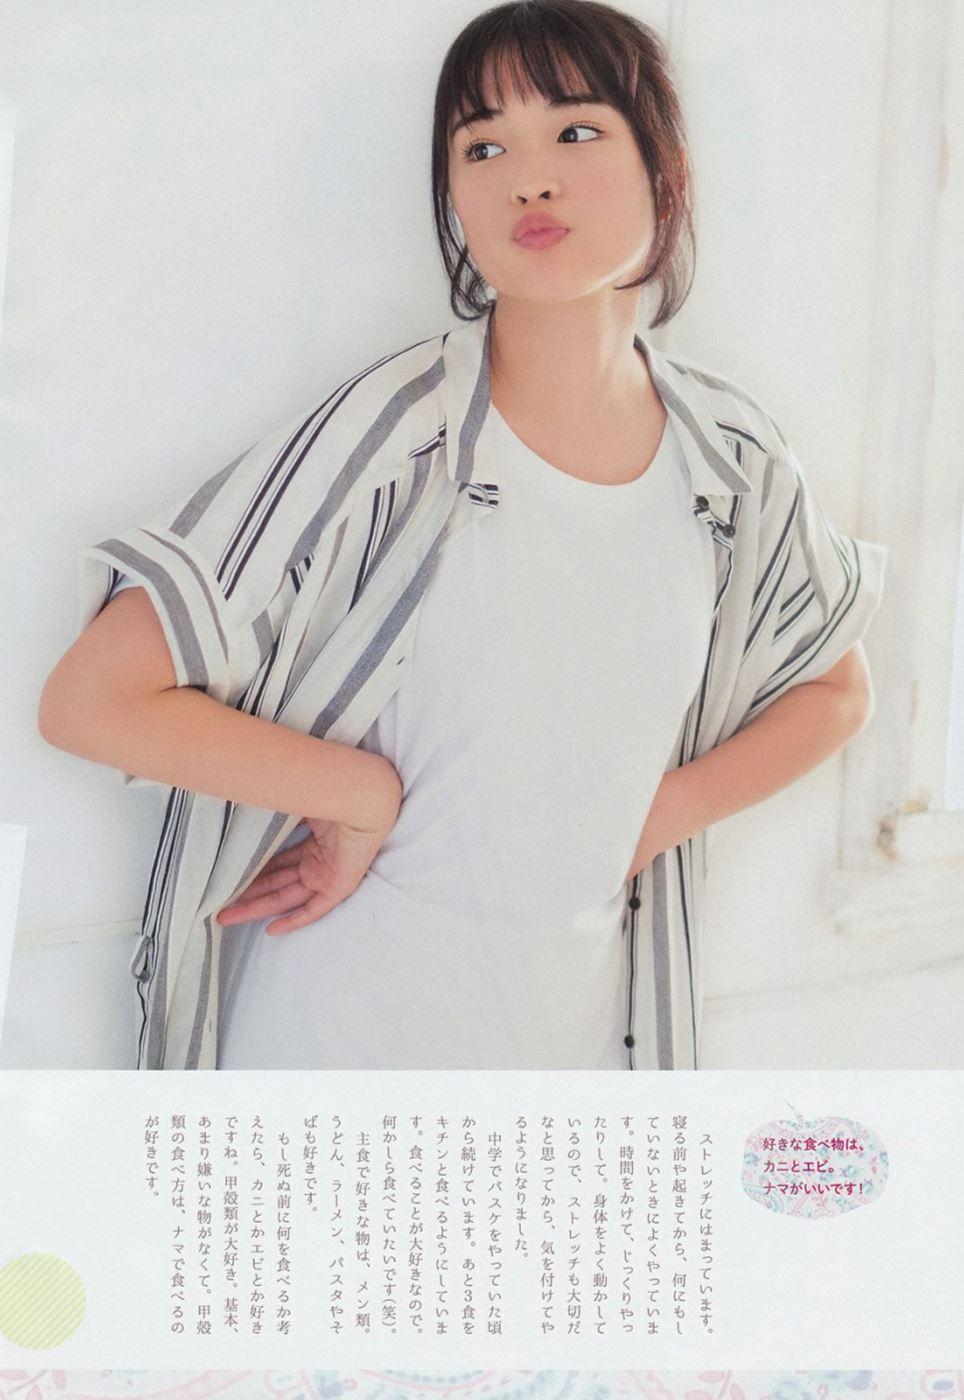 広瀬アリス 広瀬すず 姉妹 かわいい エロ画像 104